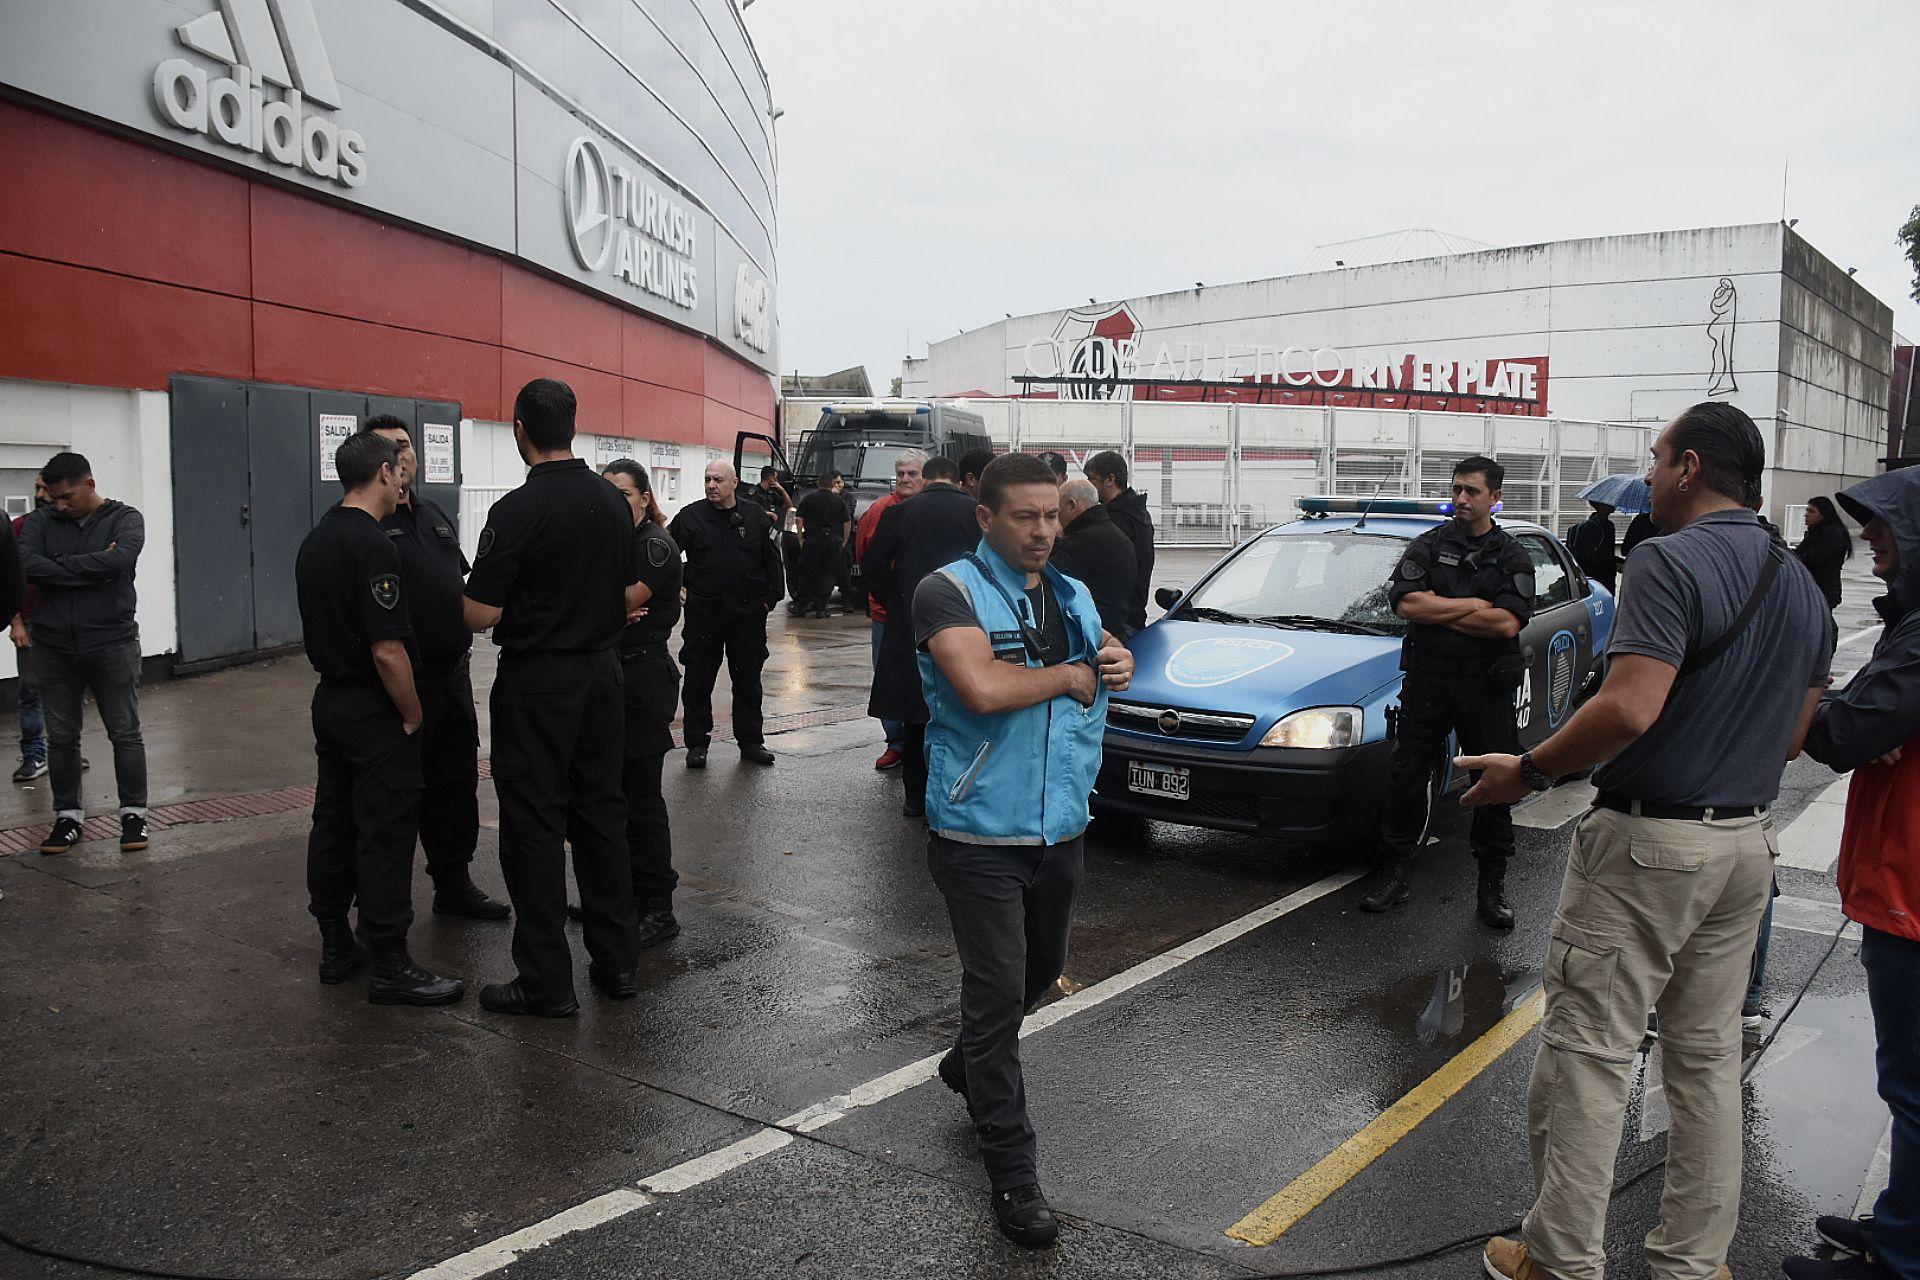 Todos los que llegaron al Estadio Monumental debieron quedarse del lado de afuera (Foto: Nicolás Stulberg)